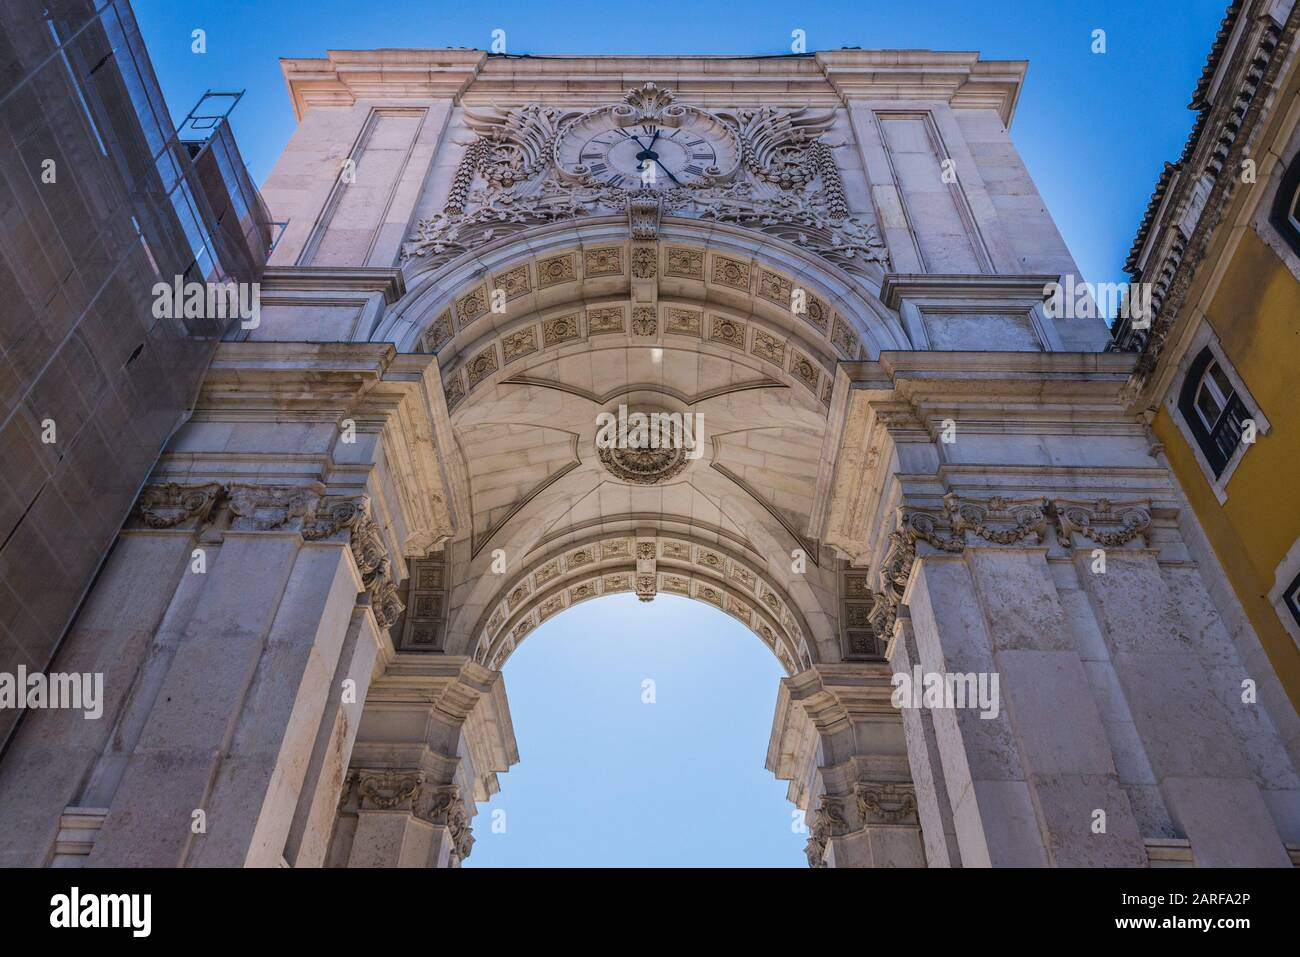 Arco da Rua Augusta - Rua Augusta Arch an Commerce Square in Lissabon, Portugal. Stockfoto